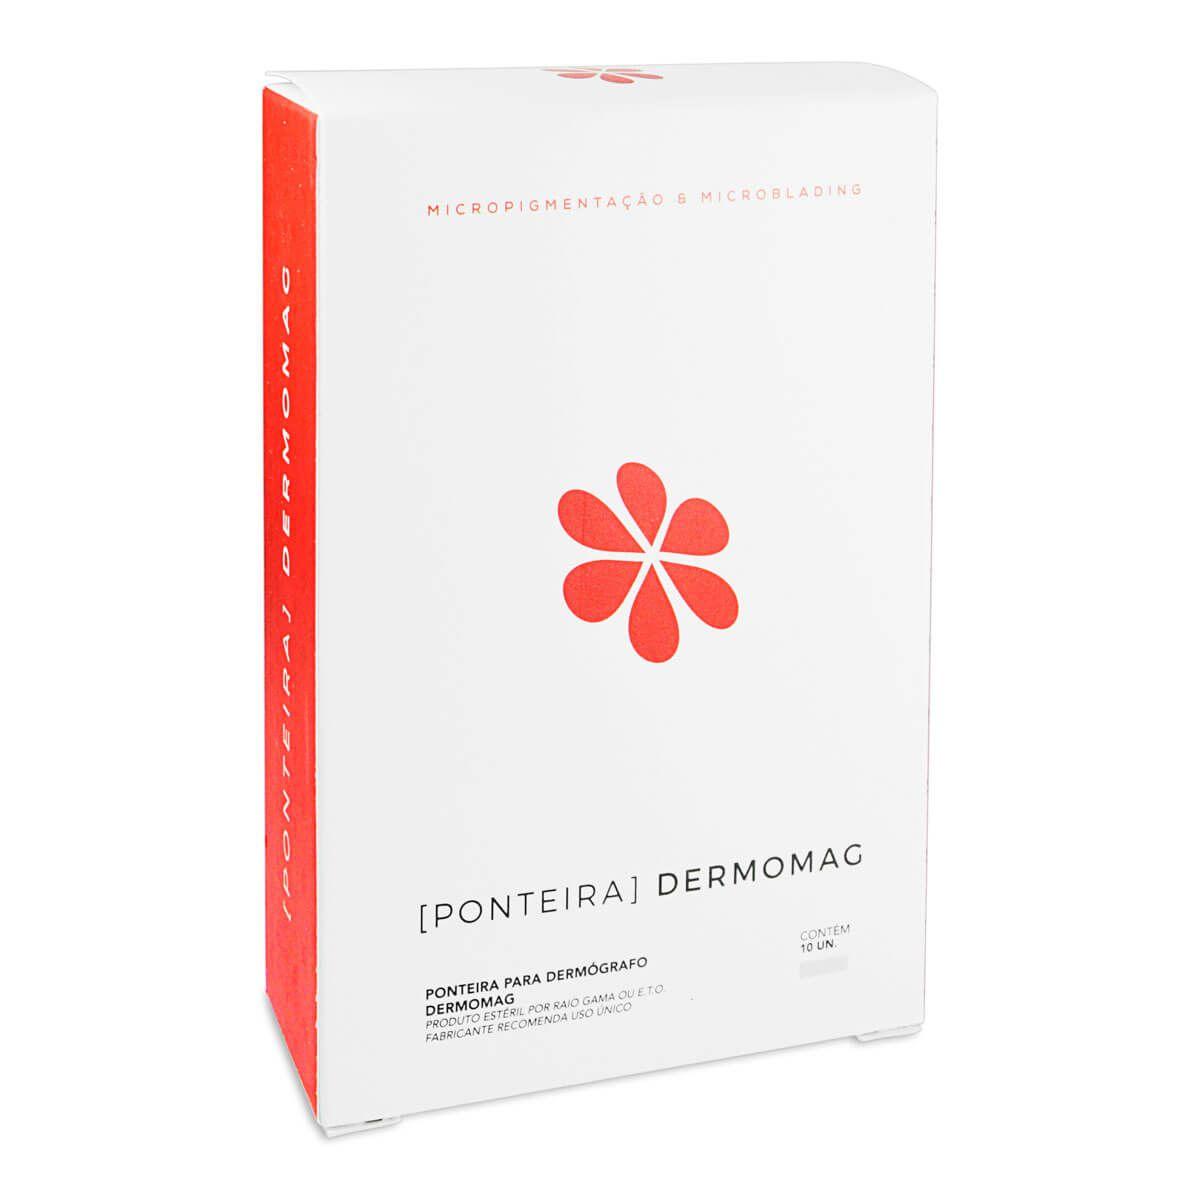 Ponteira Dermomag Circular Pen/Junior